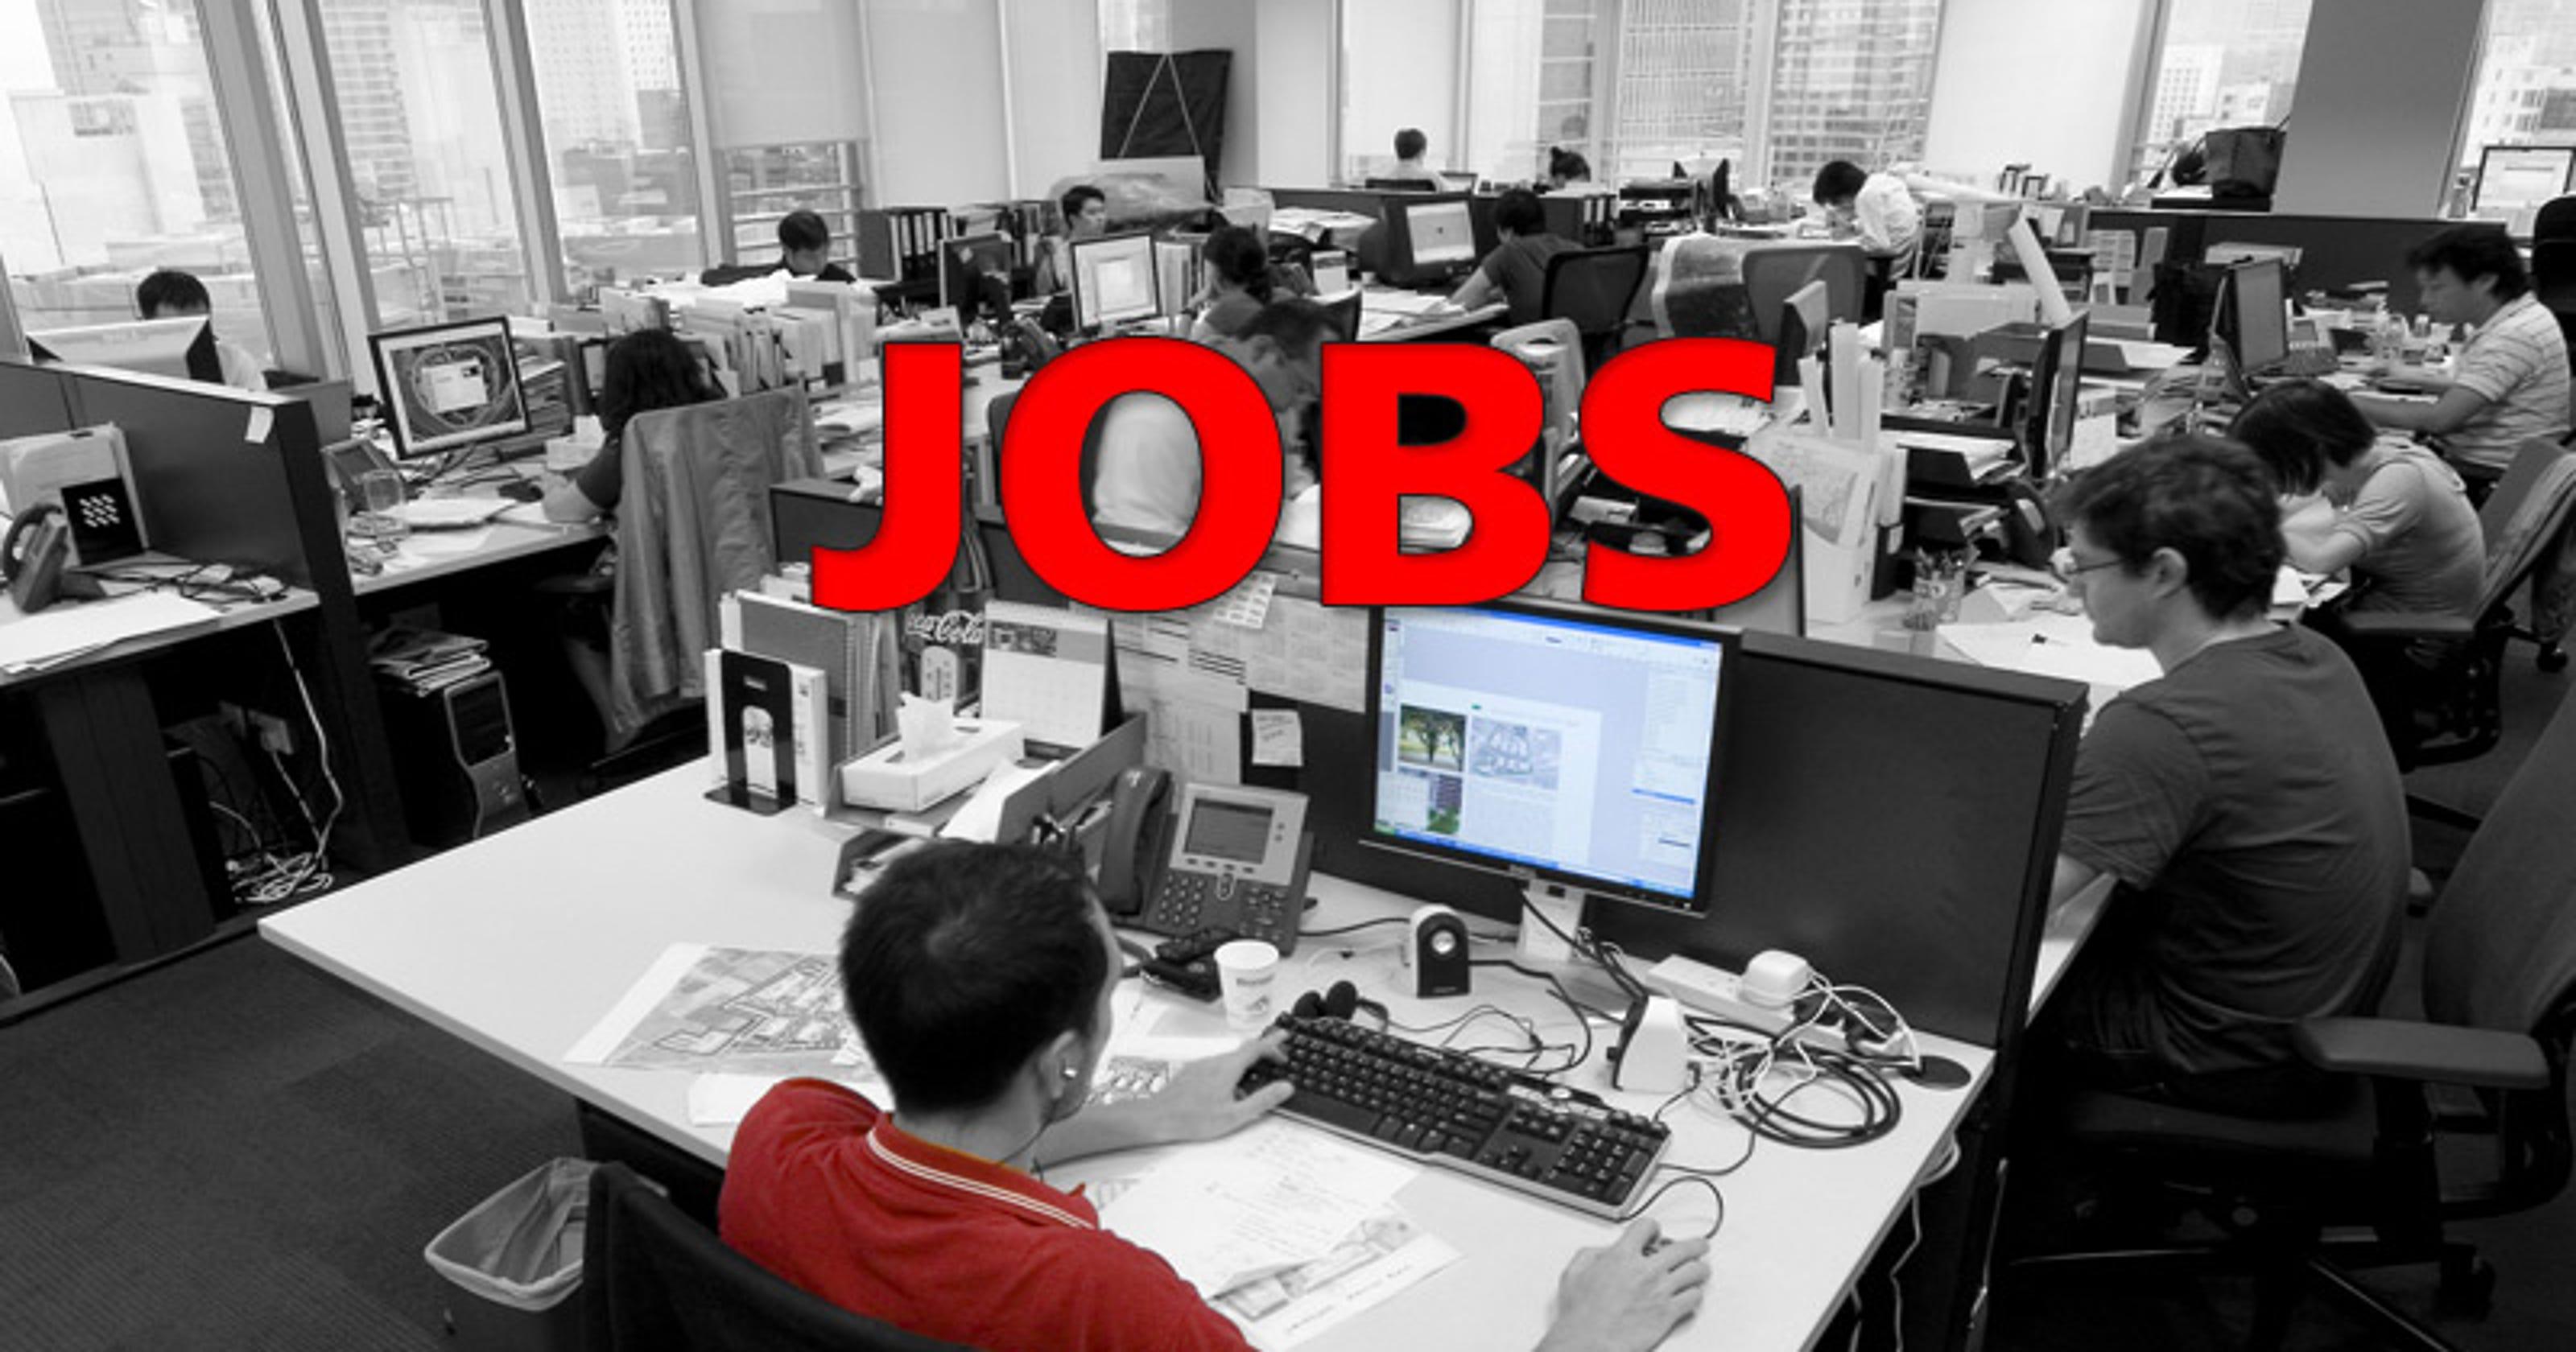 IBM cuts staff